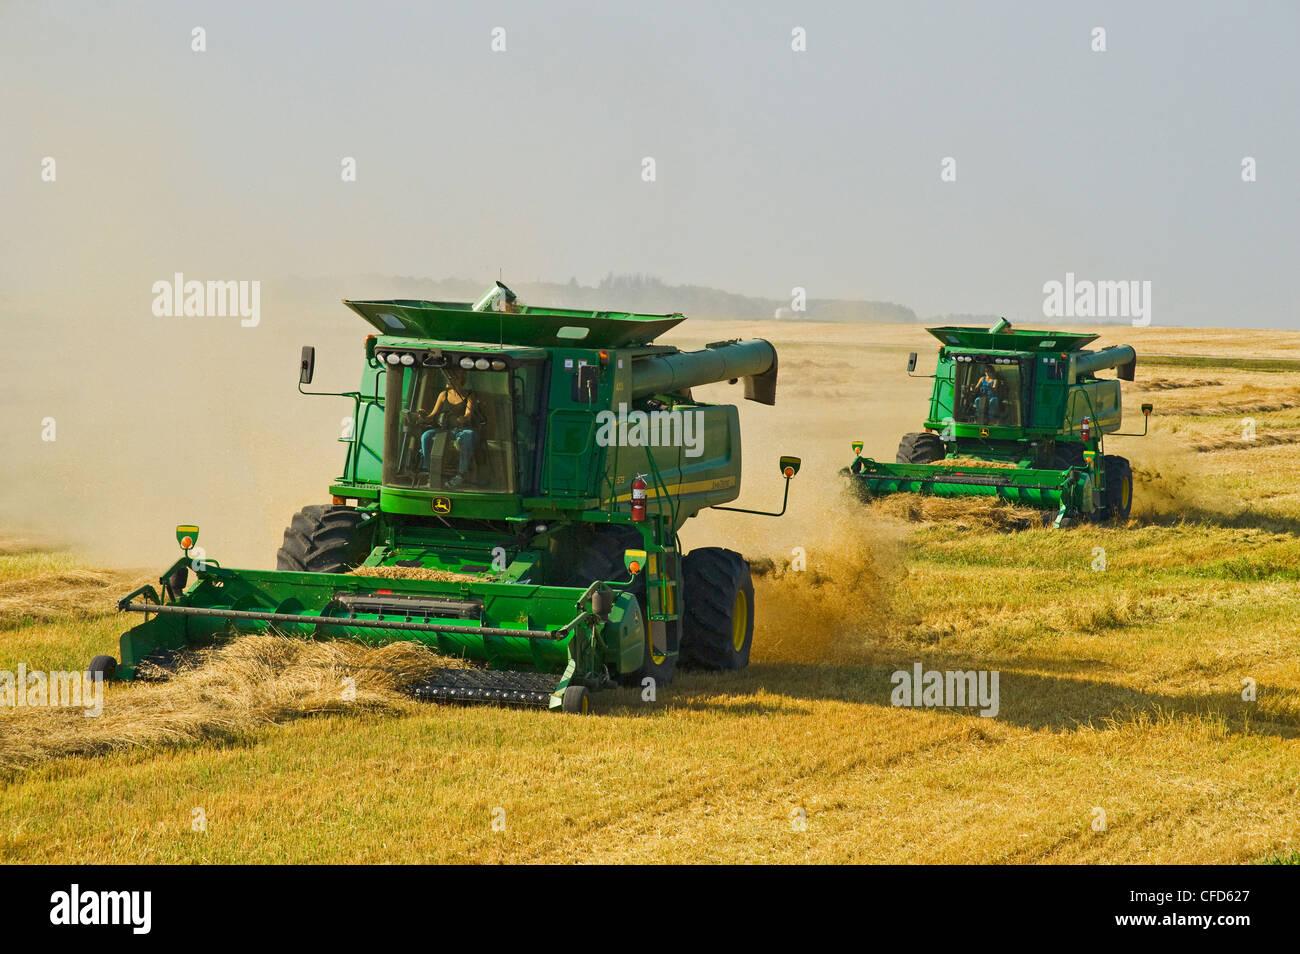 Las mujeres cosechadoras operativo durante la cosecha de trigo de primavera cerca de Somerset, Manitoba, Canadá Imagen De Stock